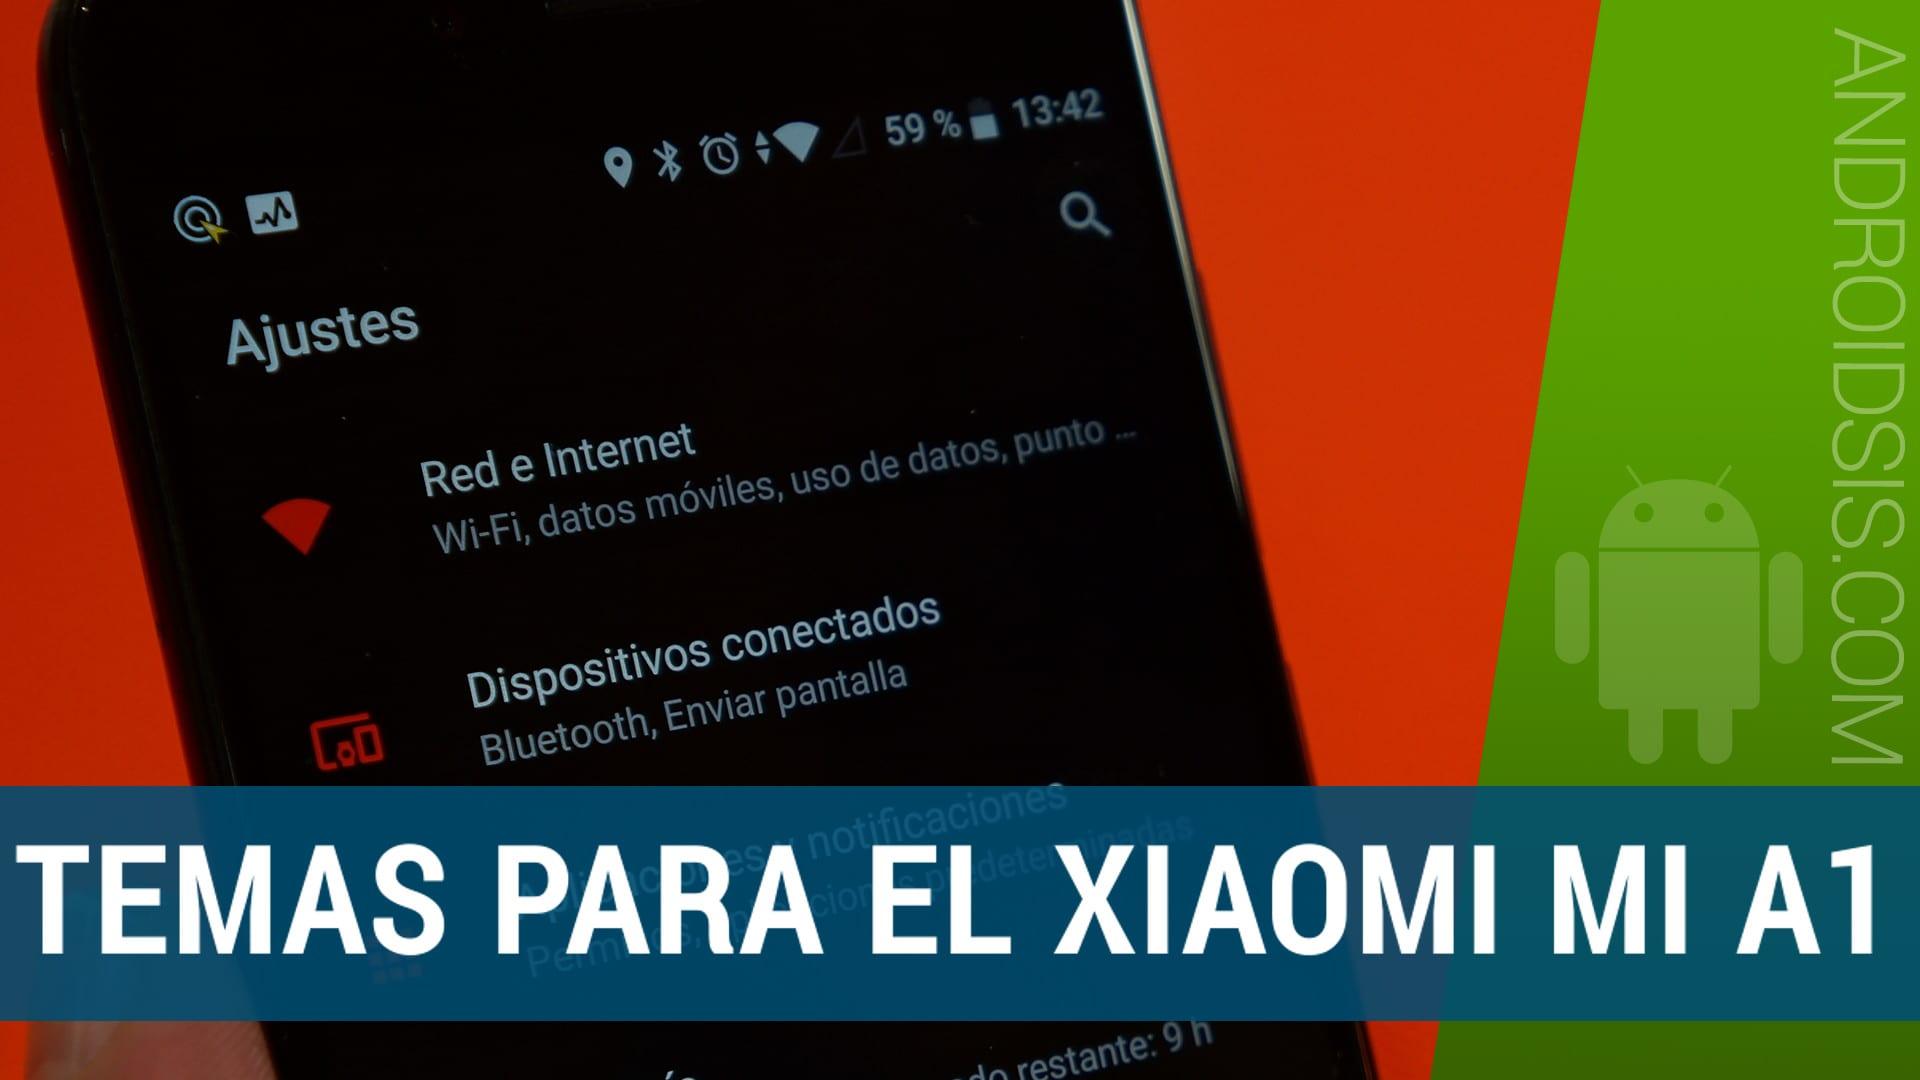 Descargar e instalar temas para el Xiaomi Mi A1 (SKINS)